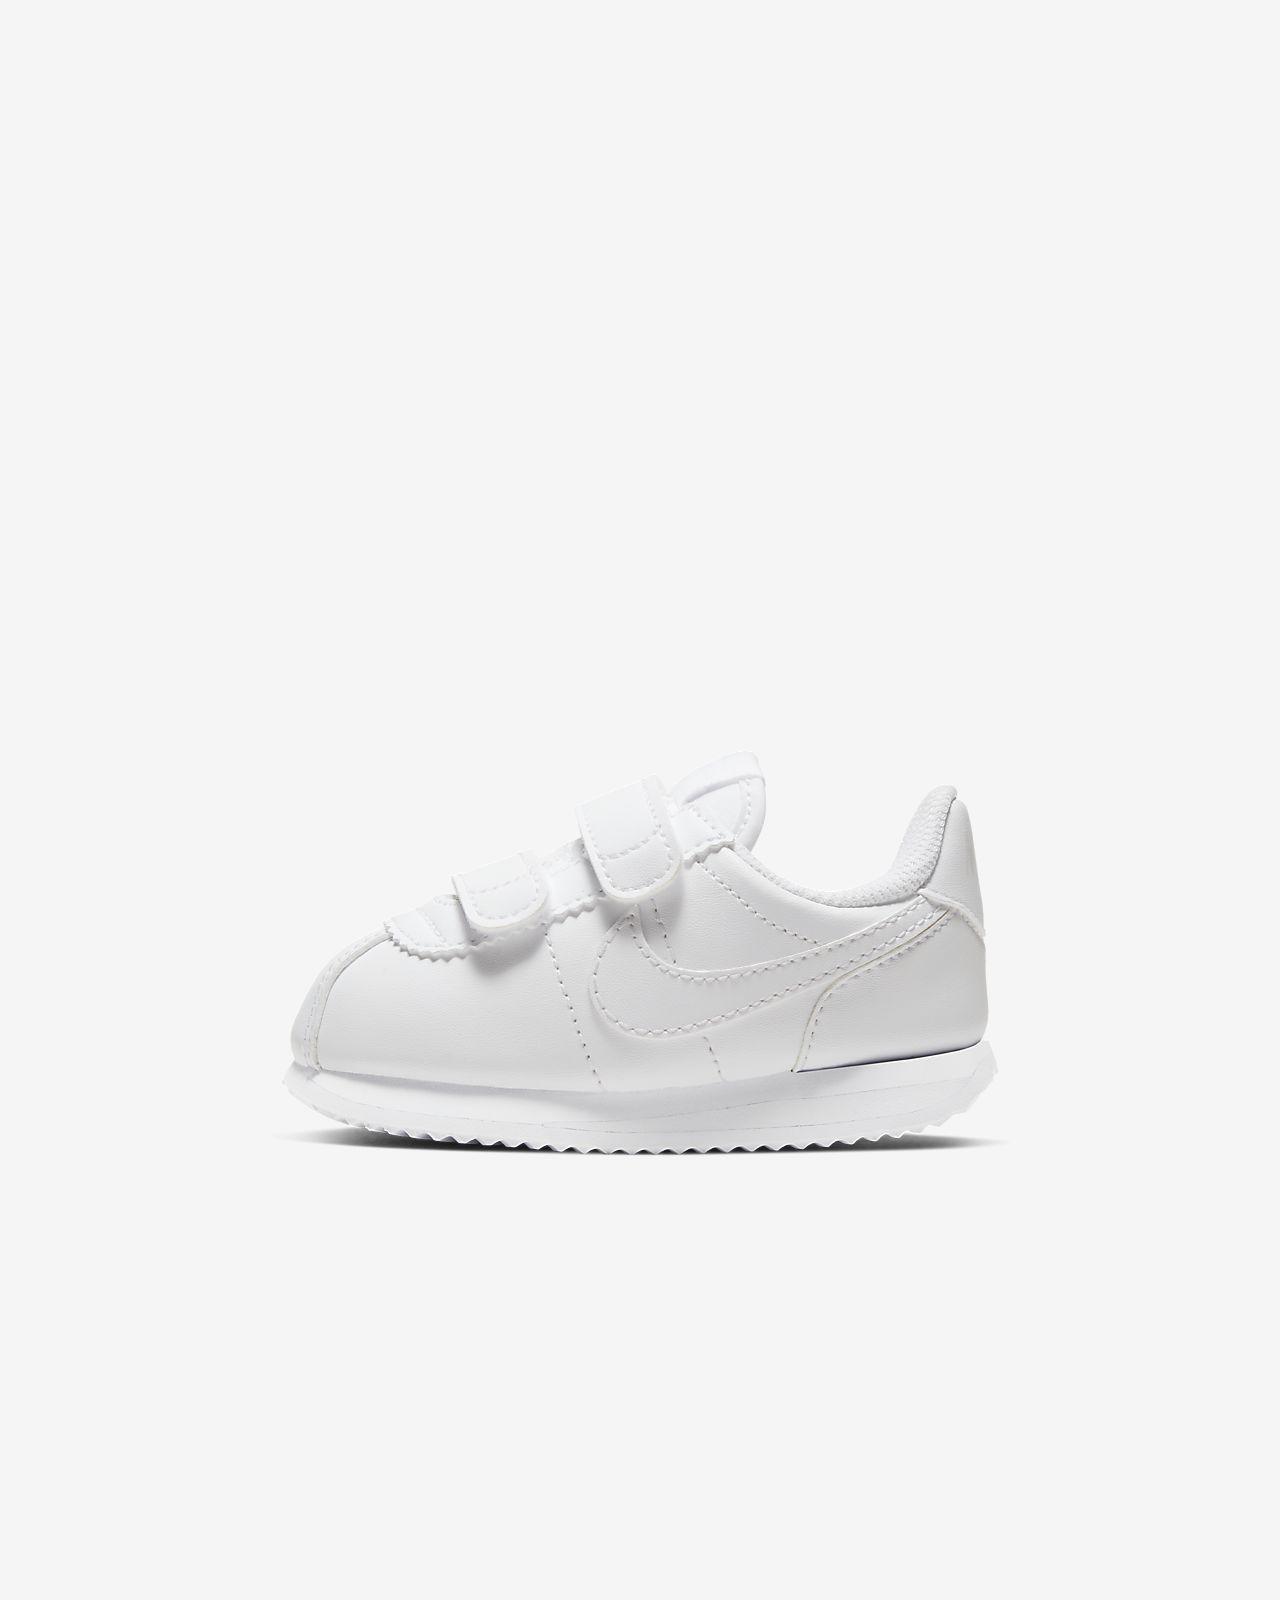 Nike Cortez Basic Baby and Toddler Shoe